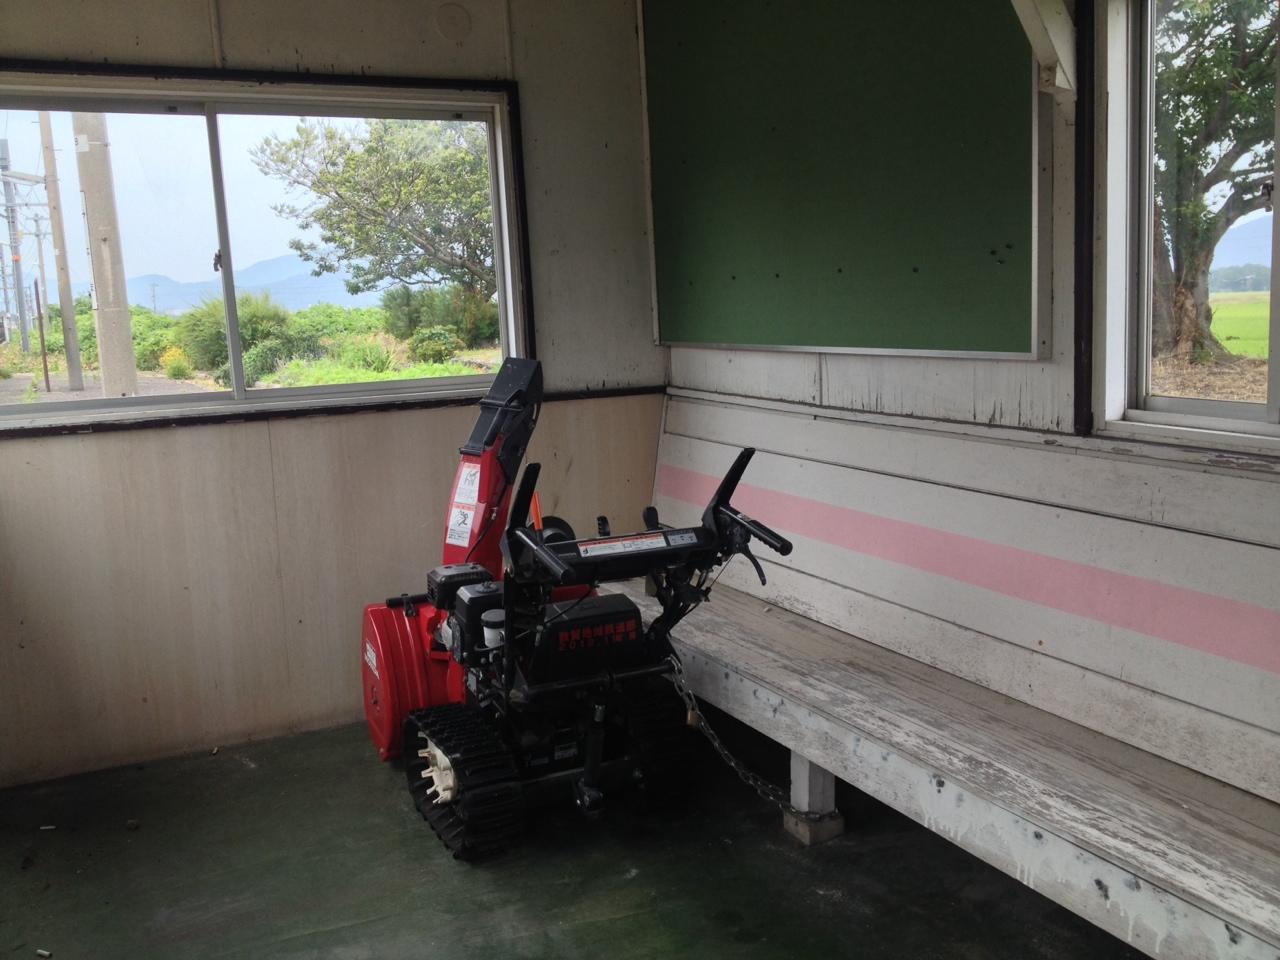 美浜駅ホーム待合室の除雪機